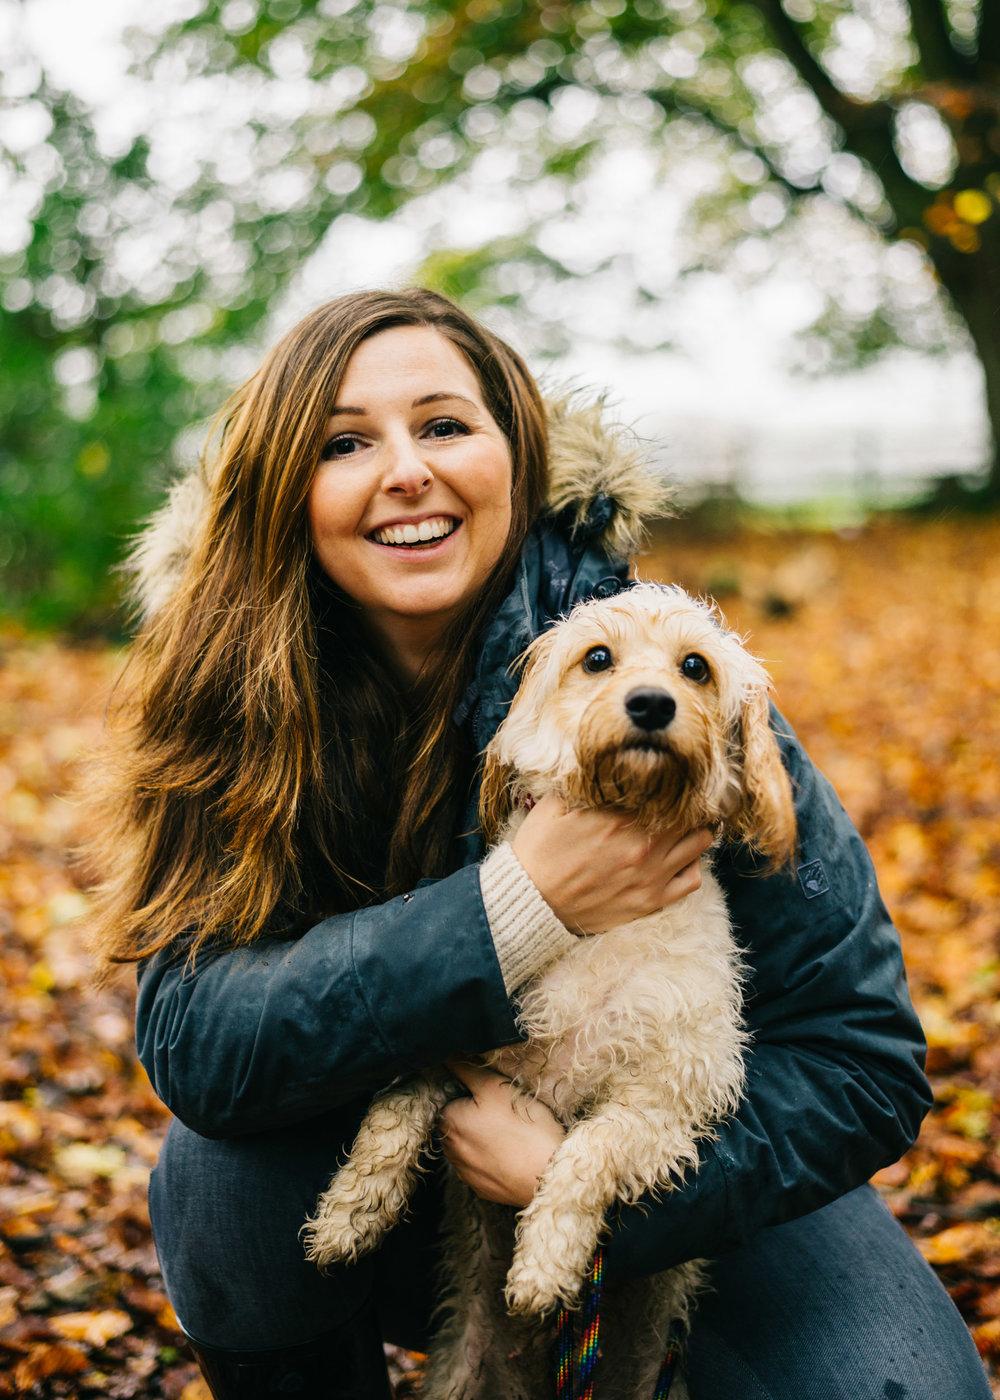 autumn mini session, Lancashire Towneley Park15